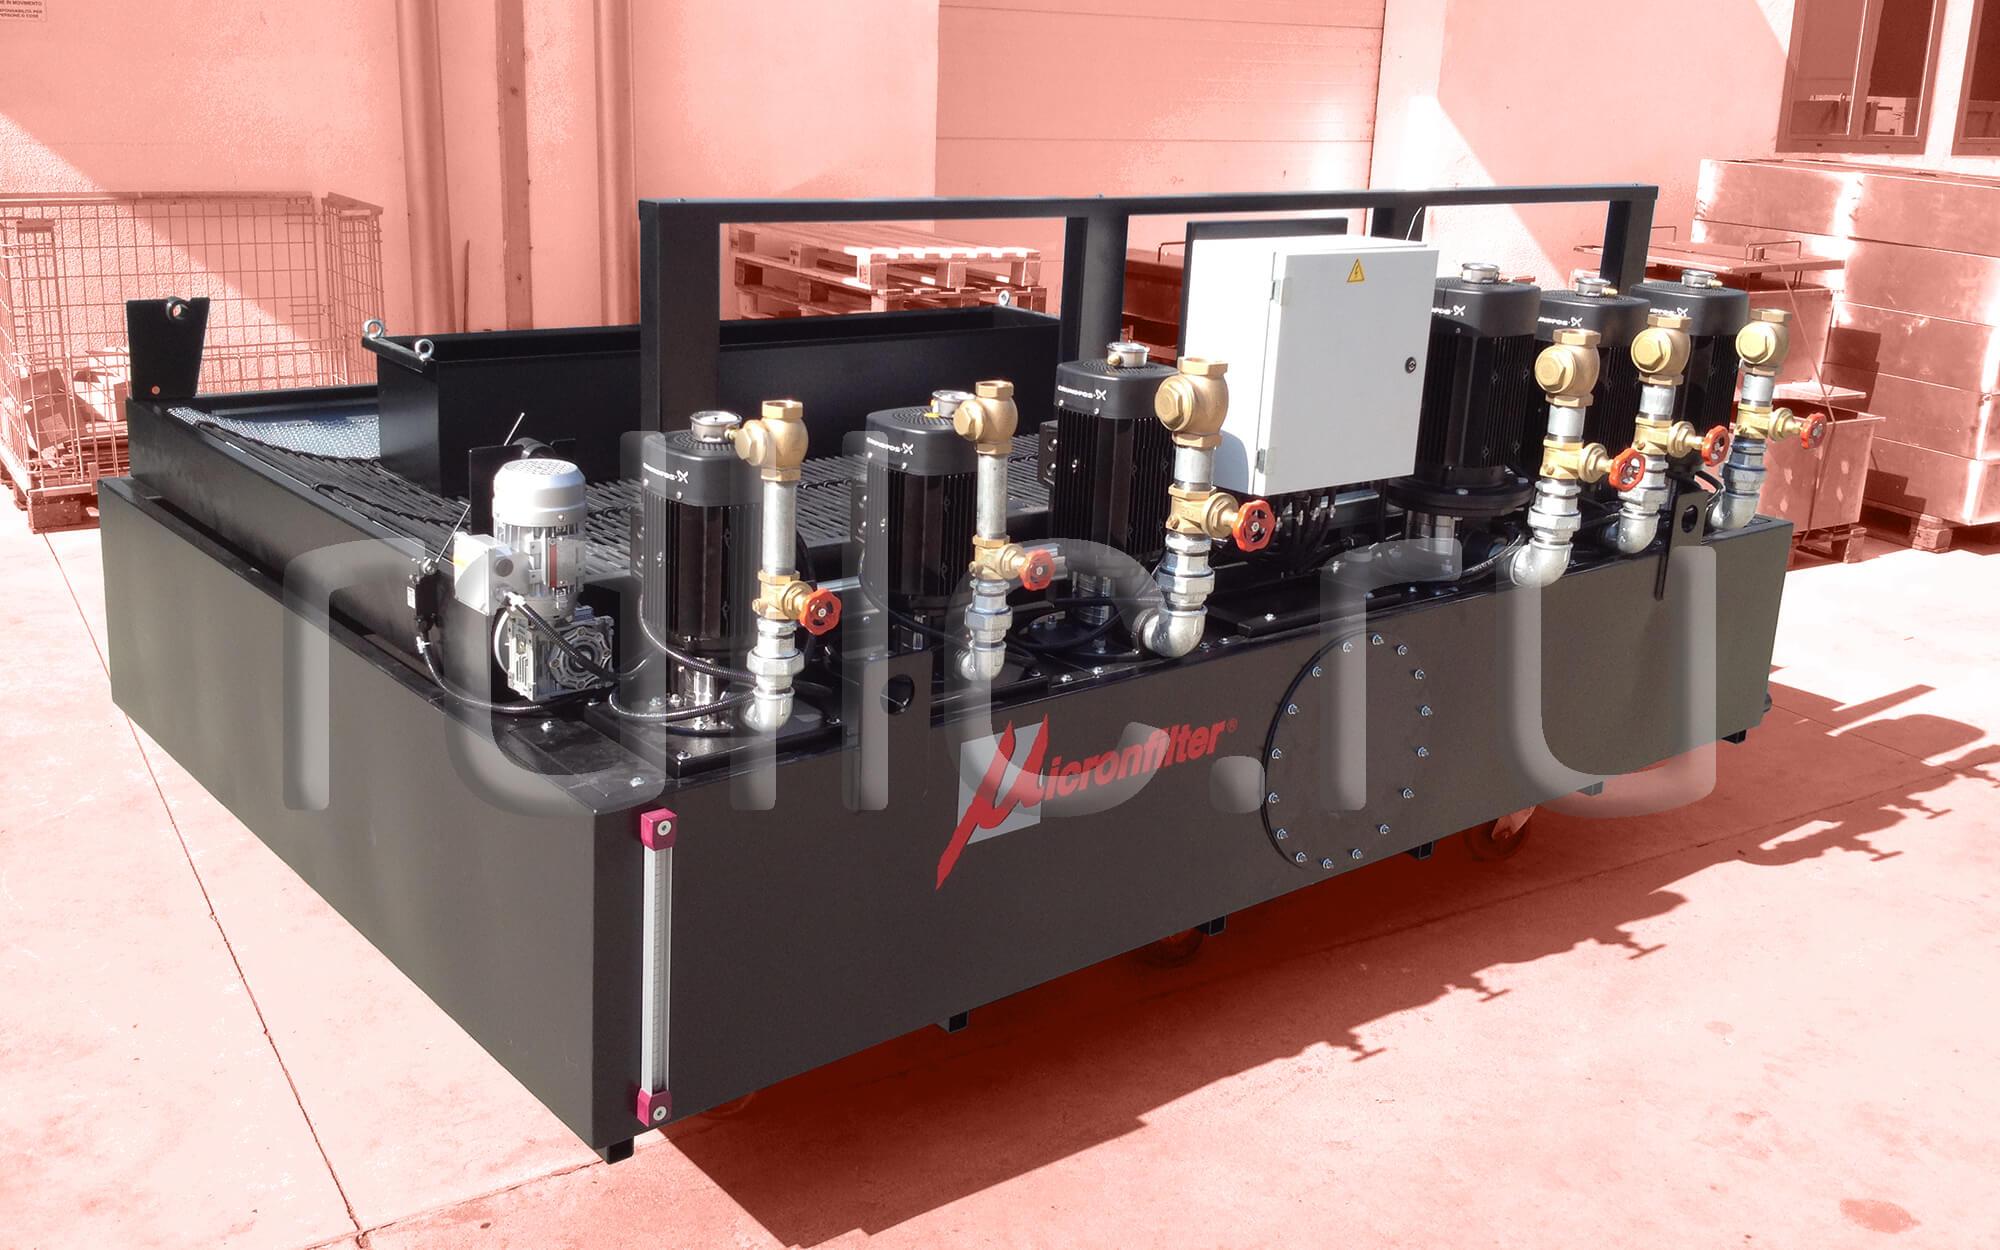 Фильтр очистки СОЖ гравитационного типа Easyband 400 с предустановленным магнитным сепаратором СОЖ Kalamit 400 для двухколонного шлифовального станка Favretto)